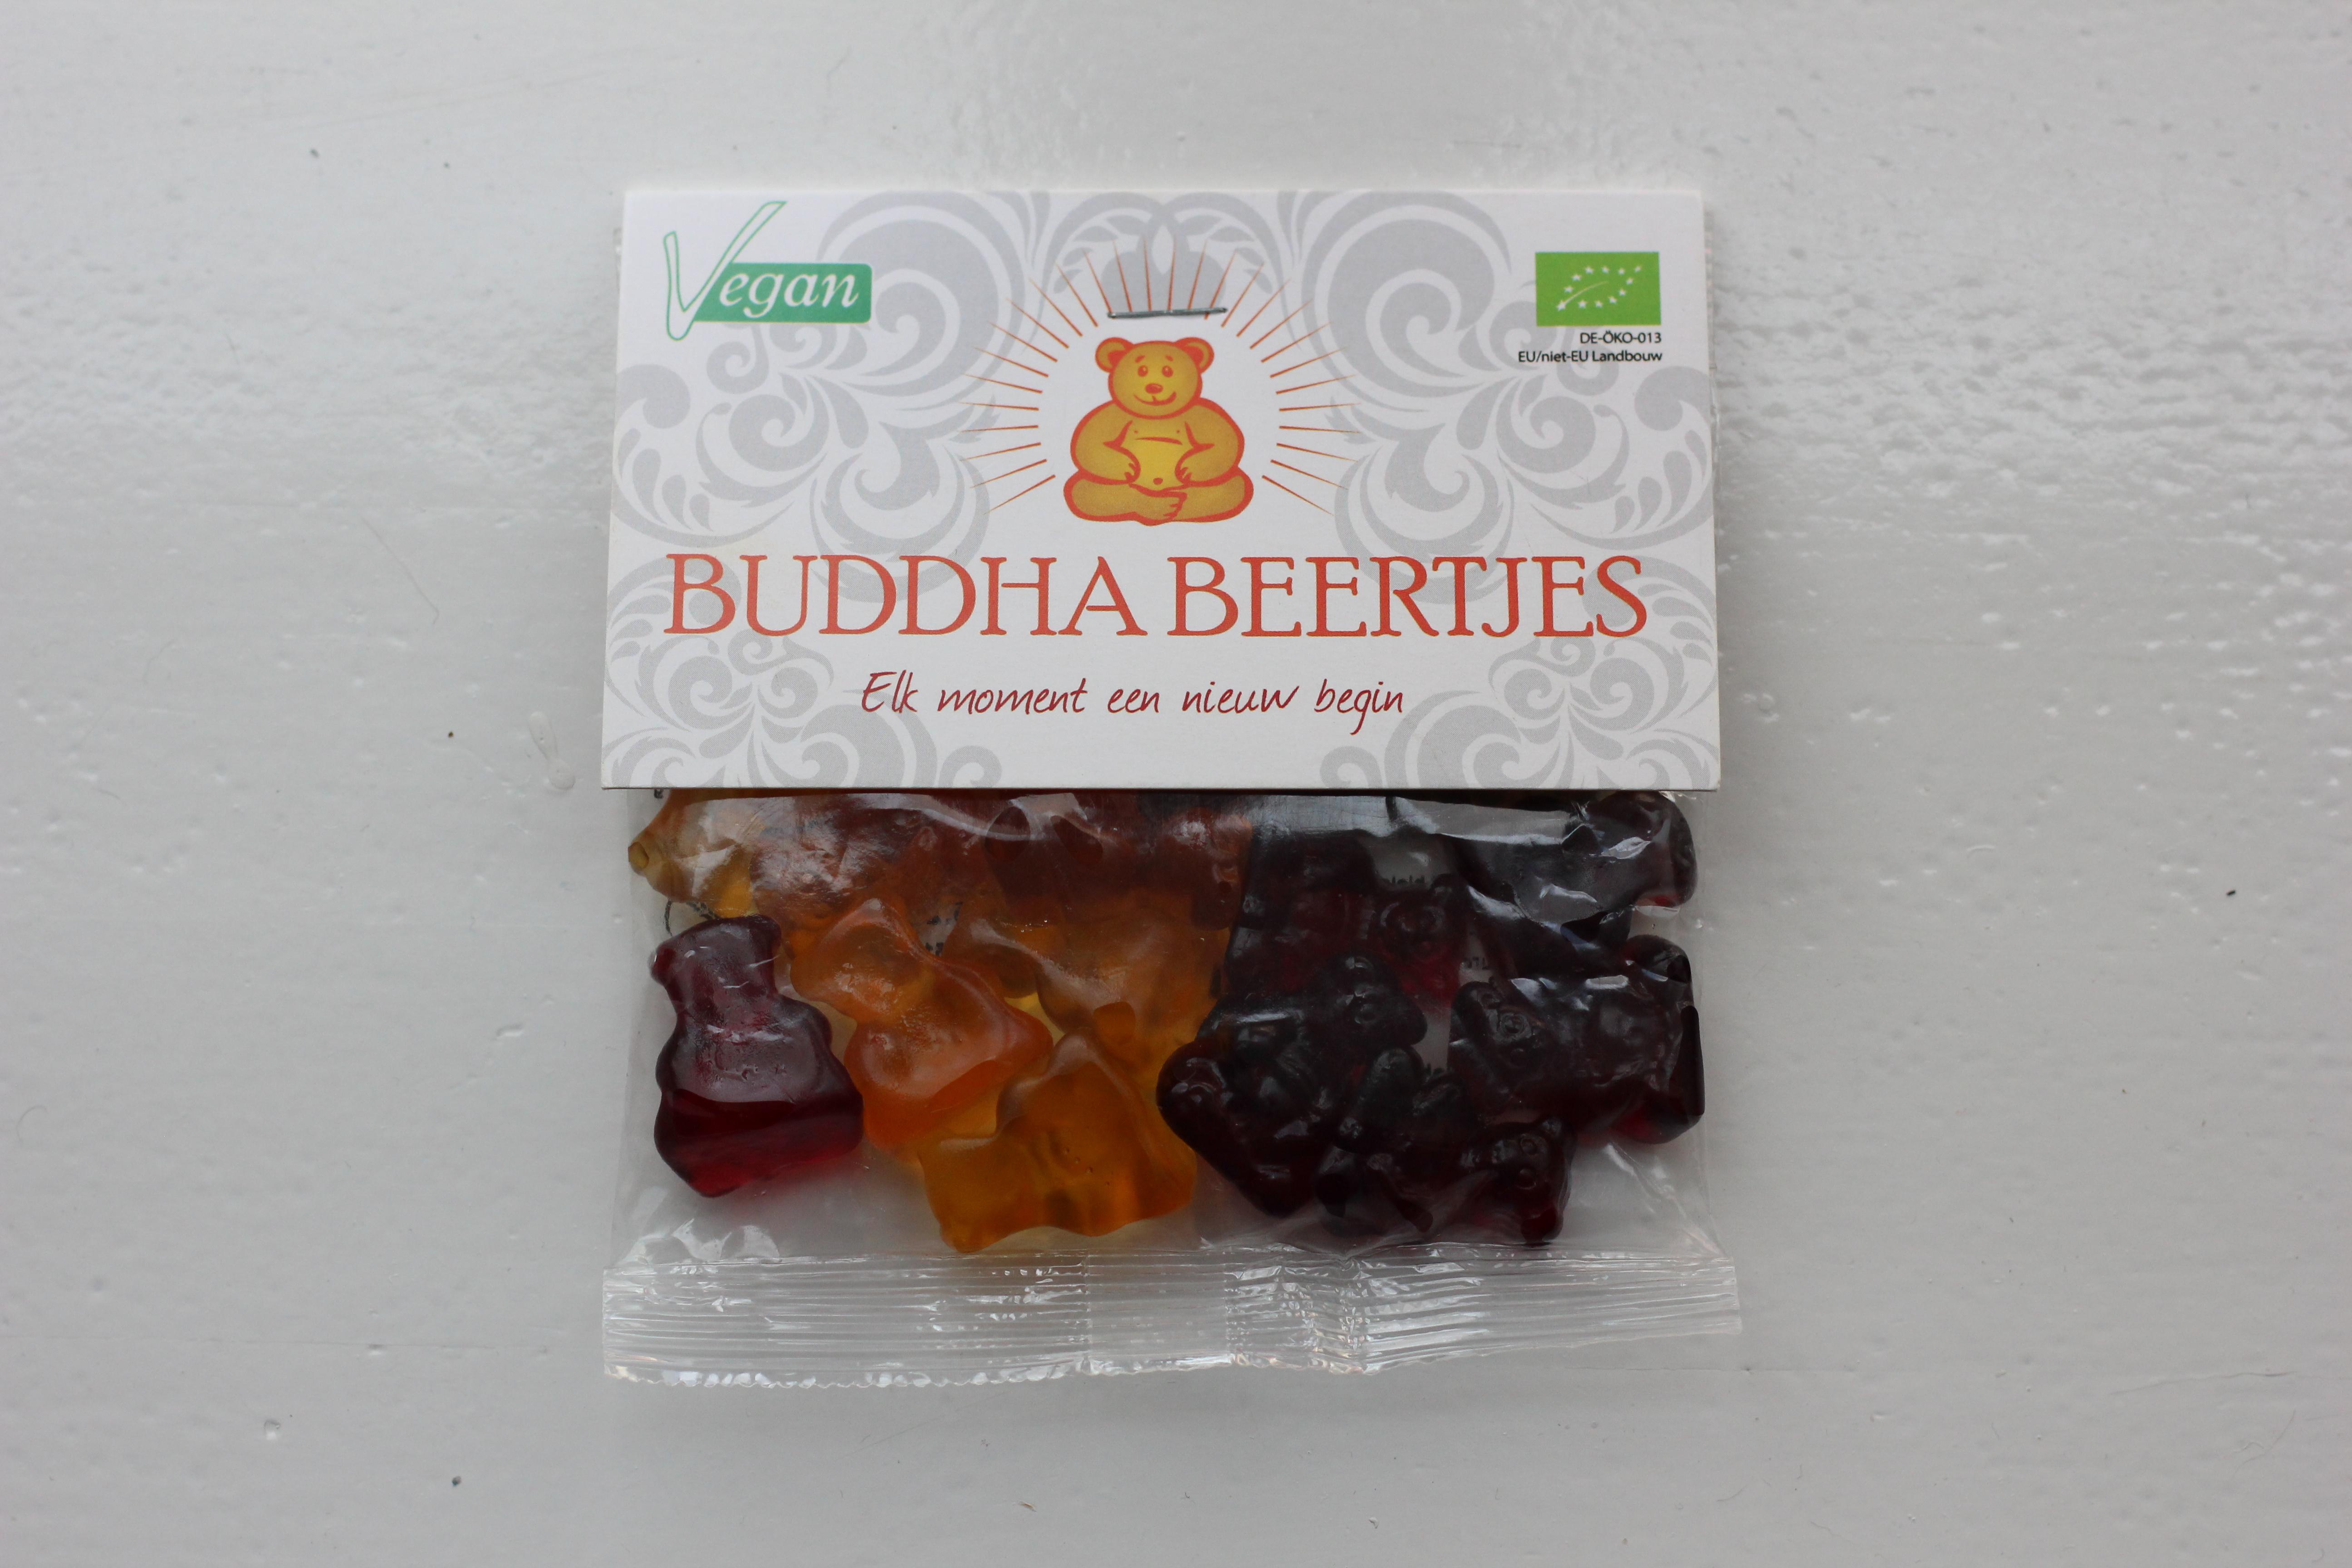 Budha beertjes snoep review @ lauriekoek.nl